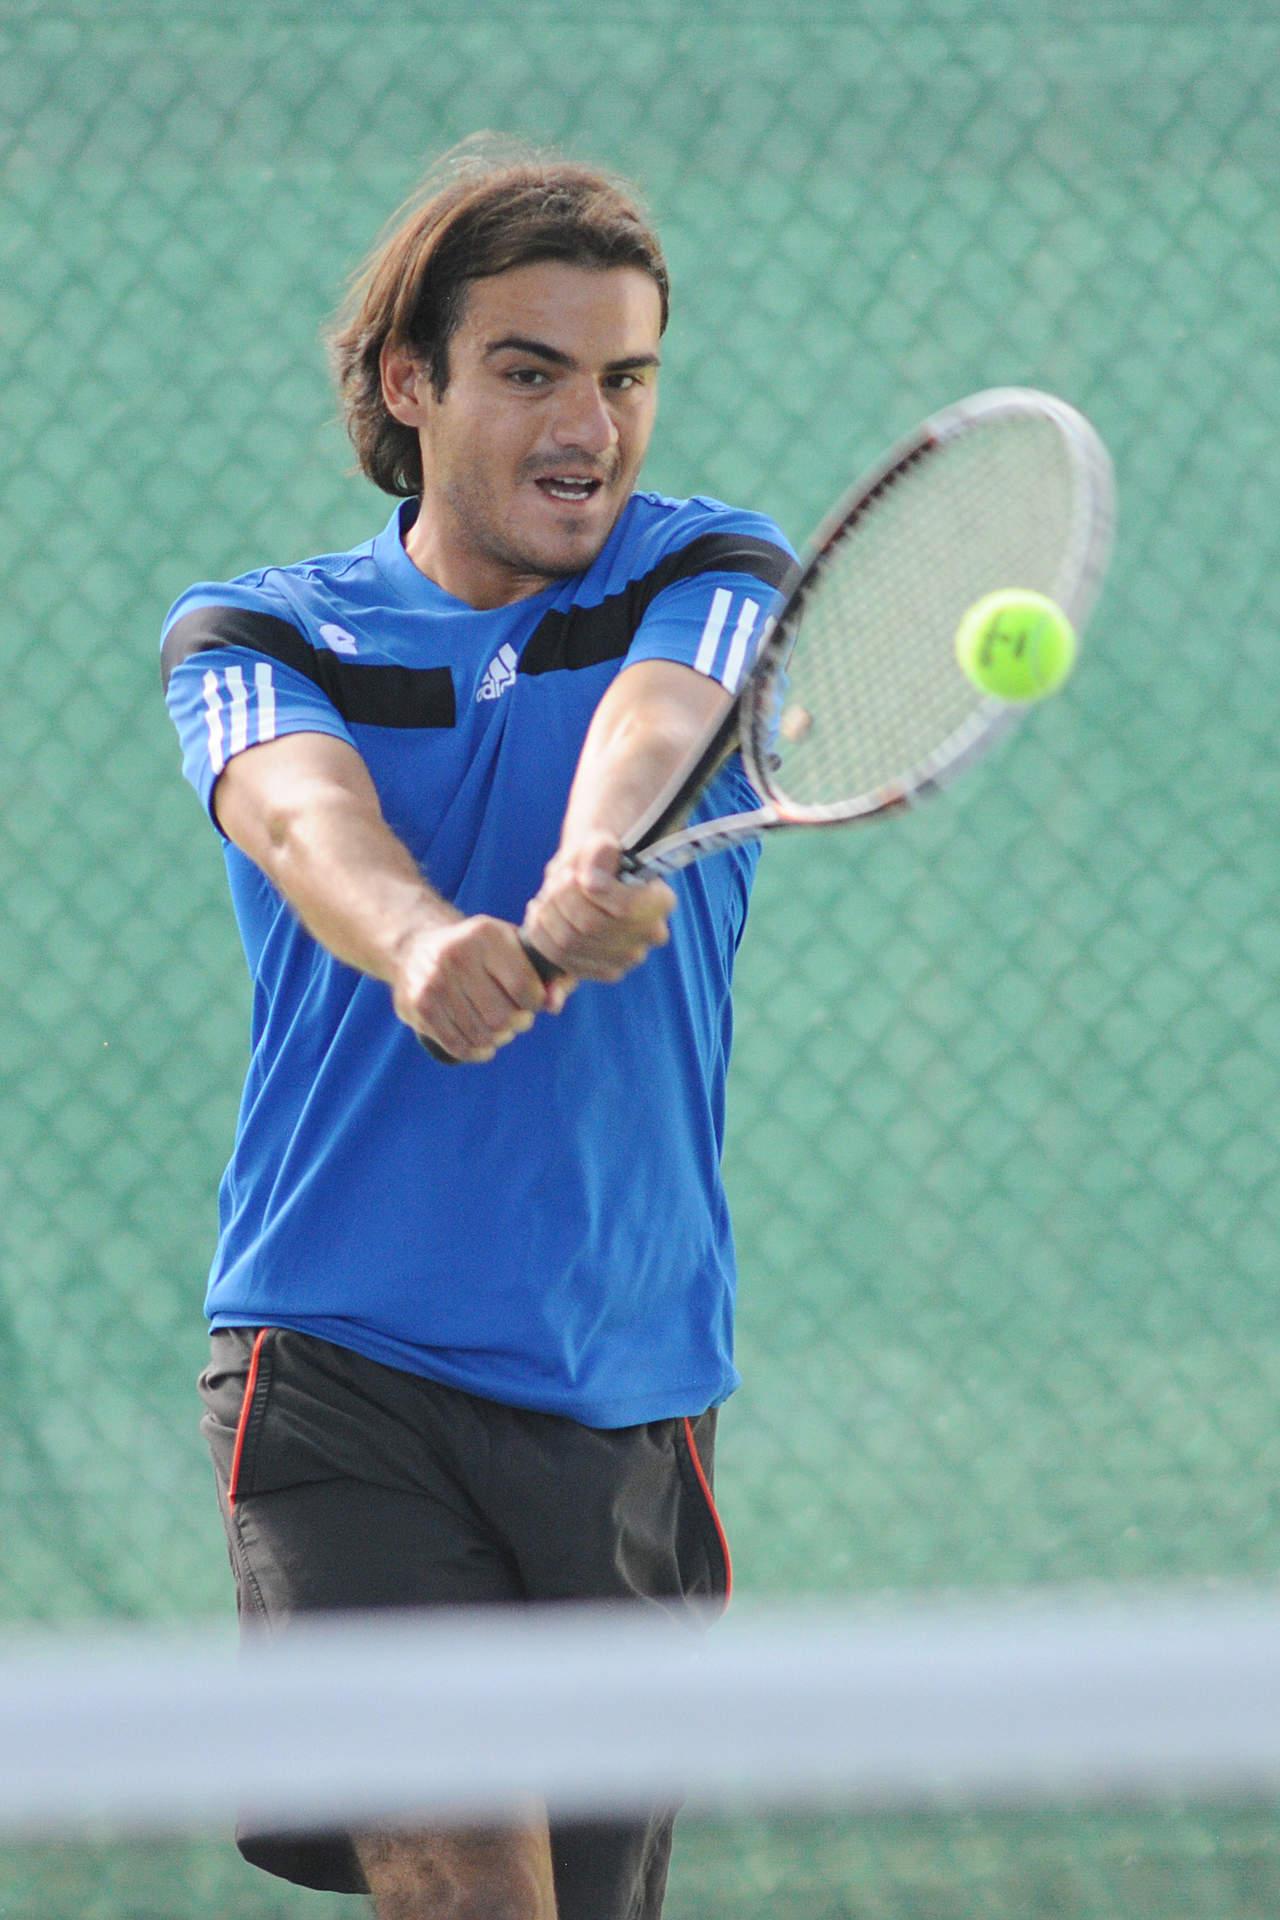 Listo, Anual de Tenis en La Rosita